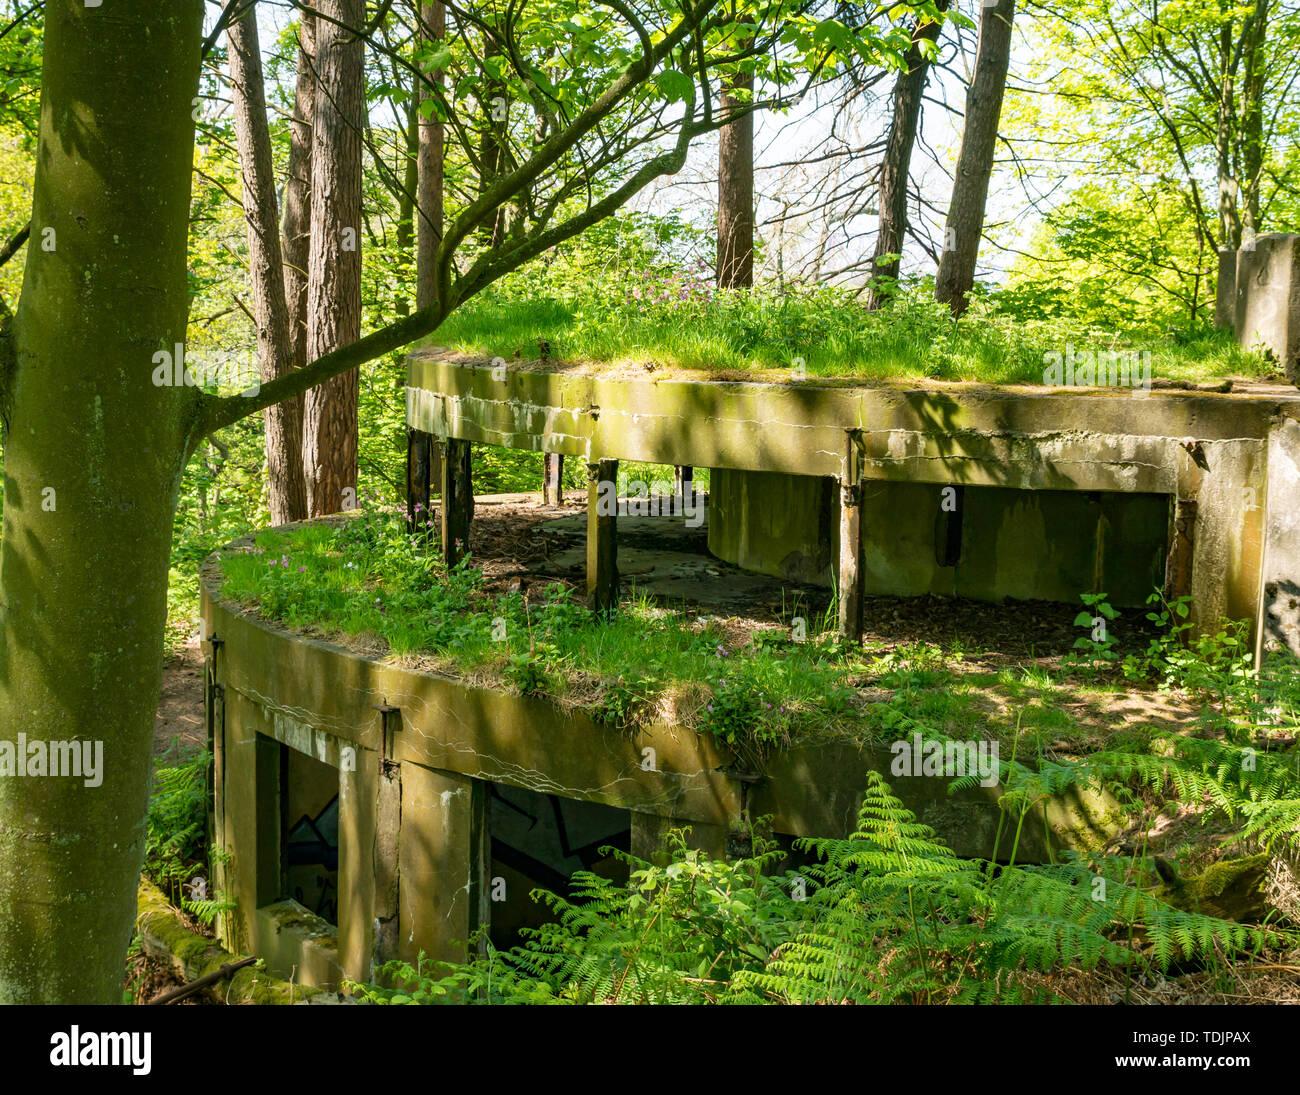 Derelict world war II gun emplacement hidden in woodland, Hound Point, Dalmeny Estate, Scotland, UK - Stock Image